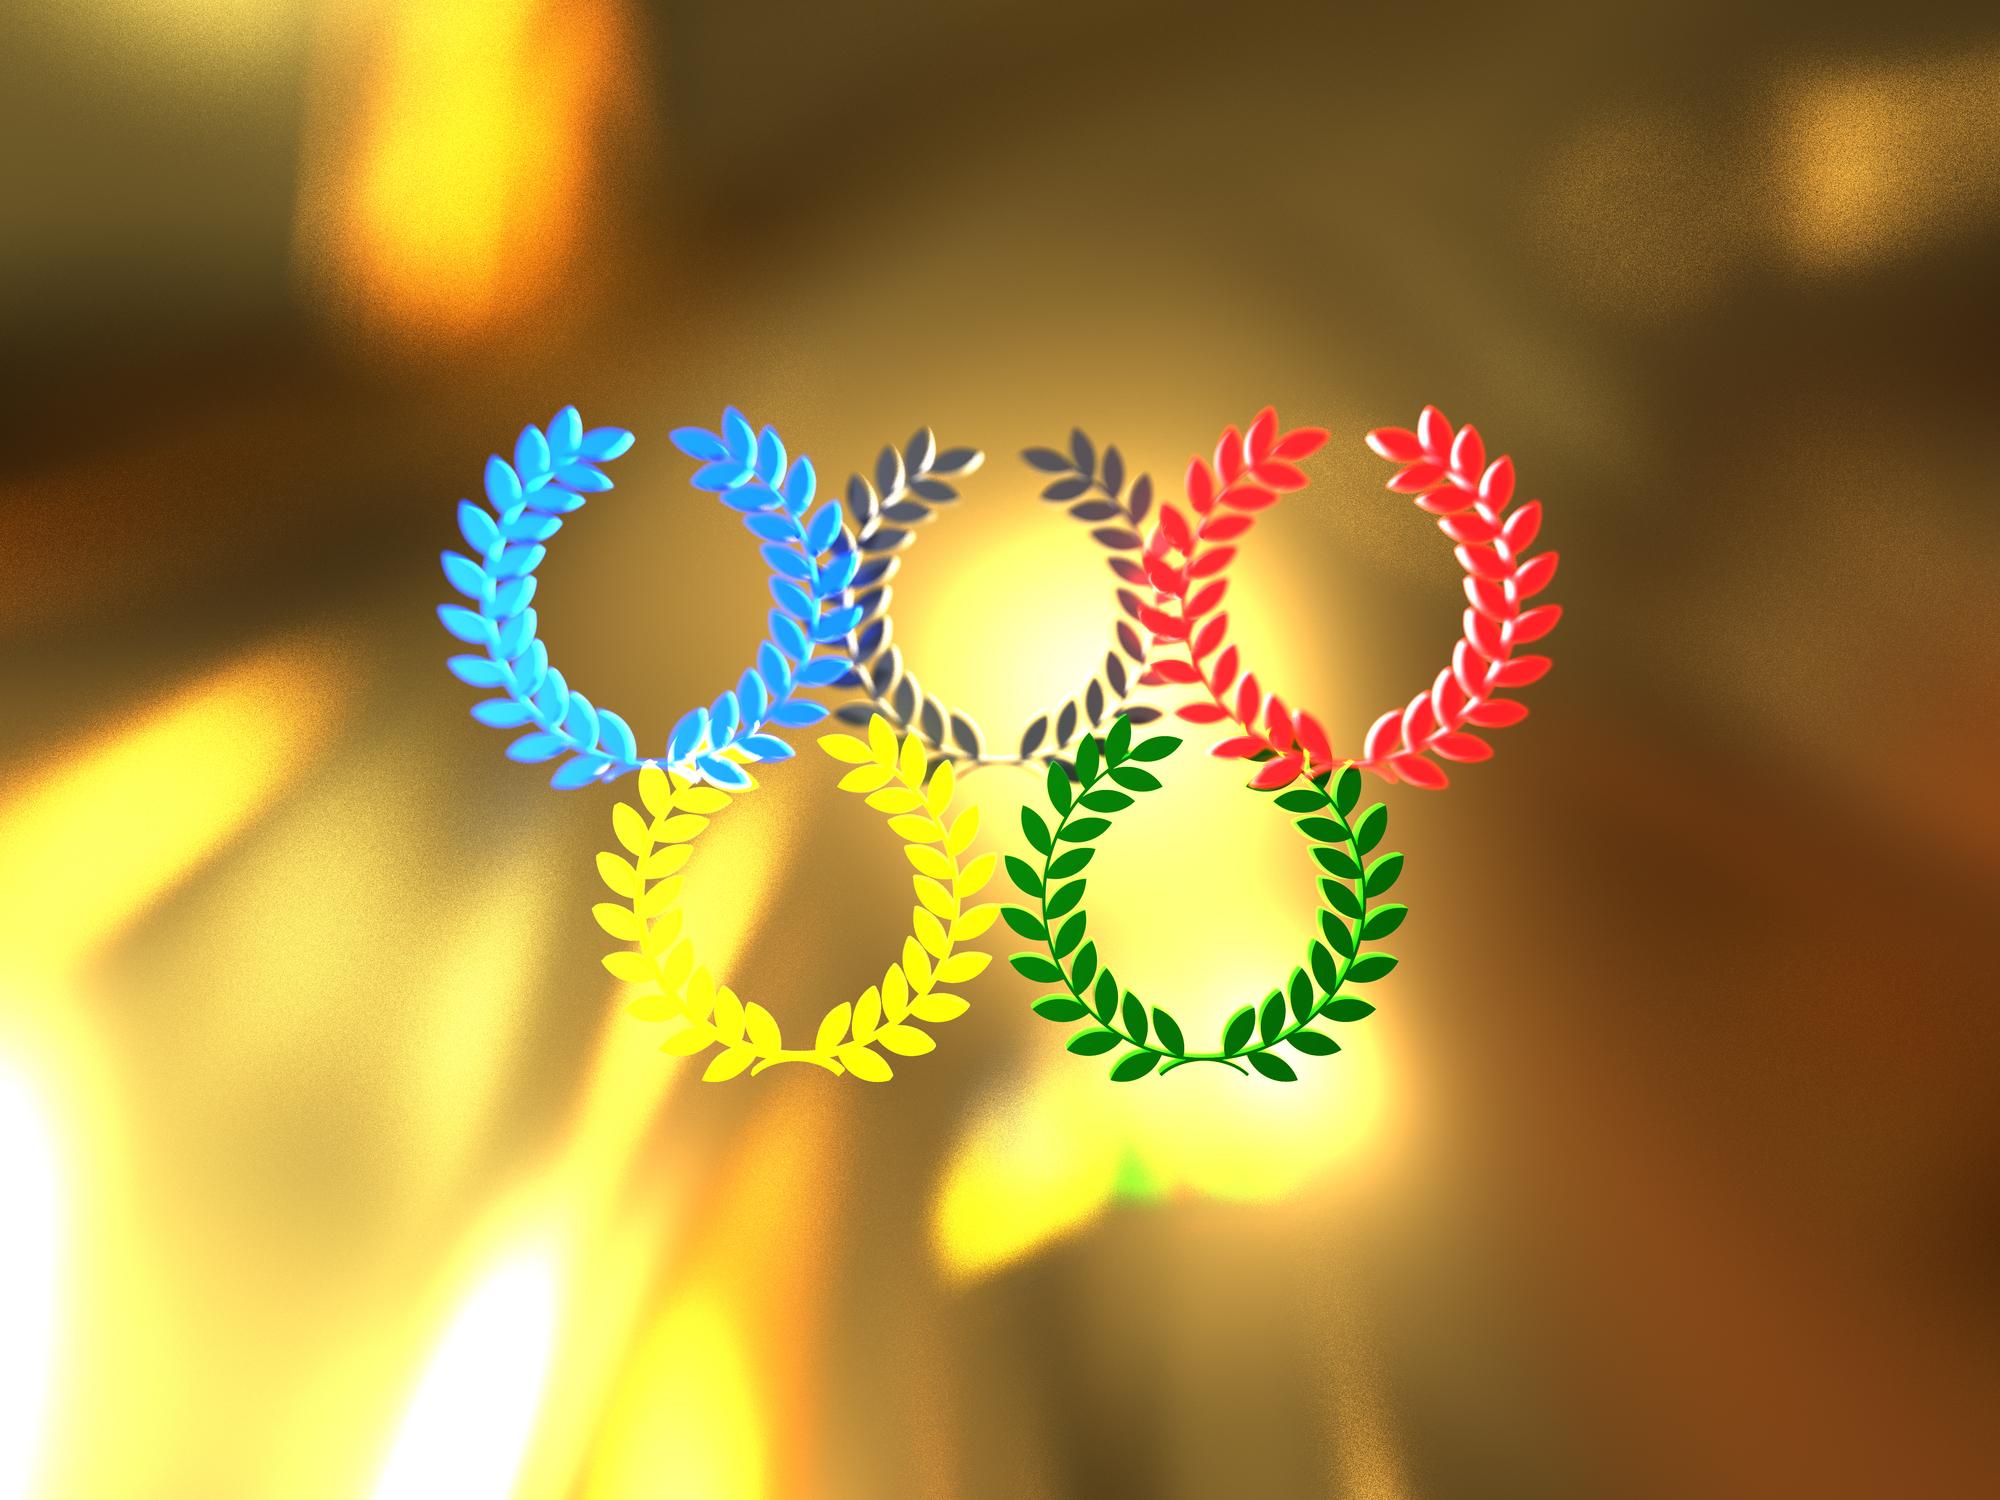 東京2020オリンピック限定デザインのクレジットカード!記念のカードはいかが?